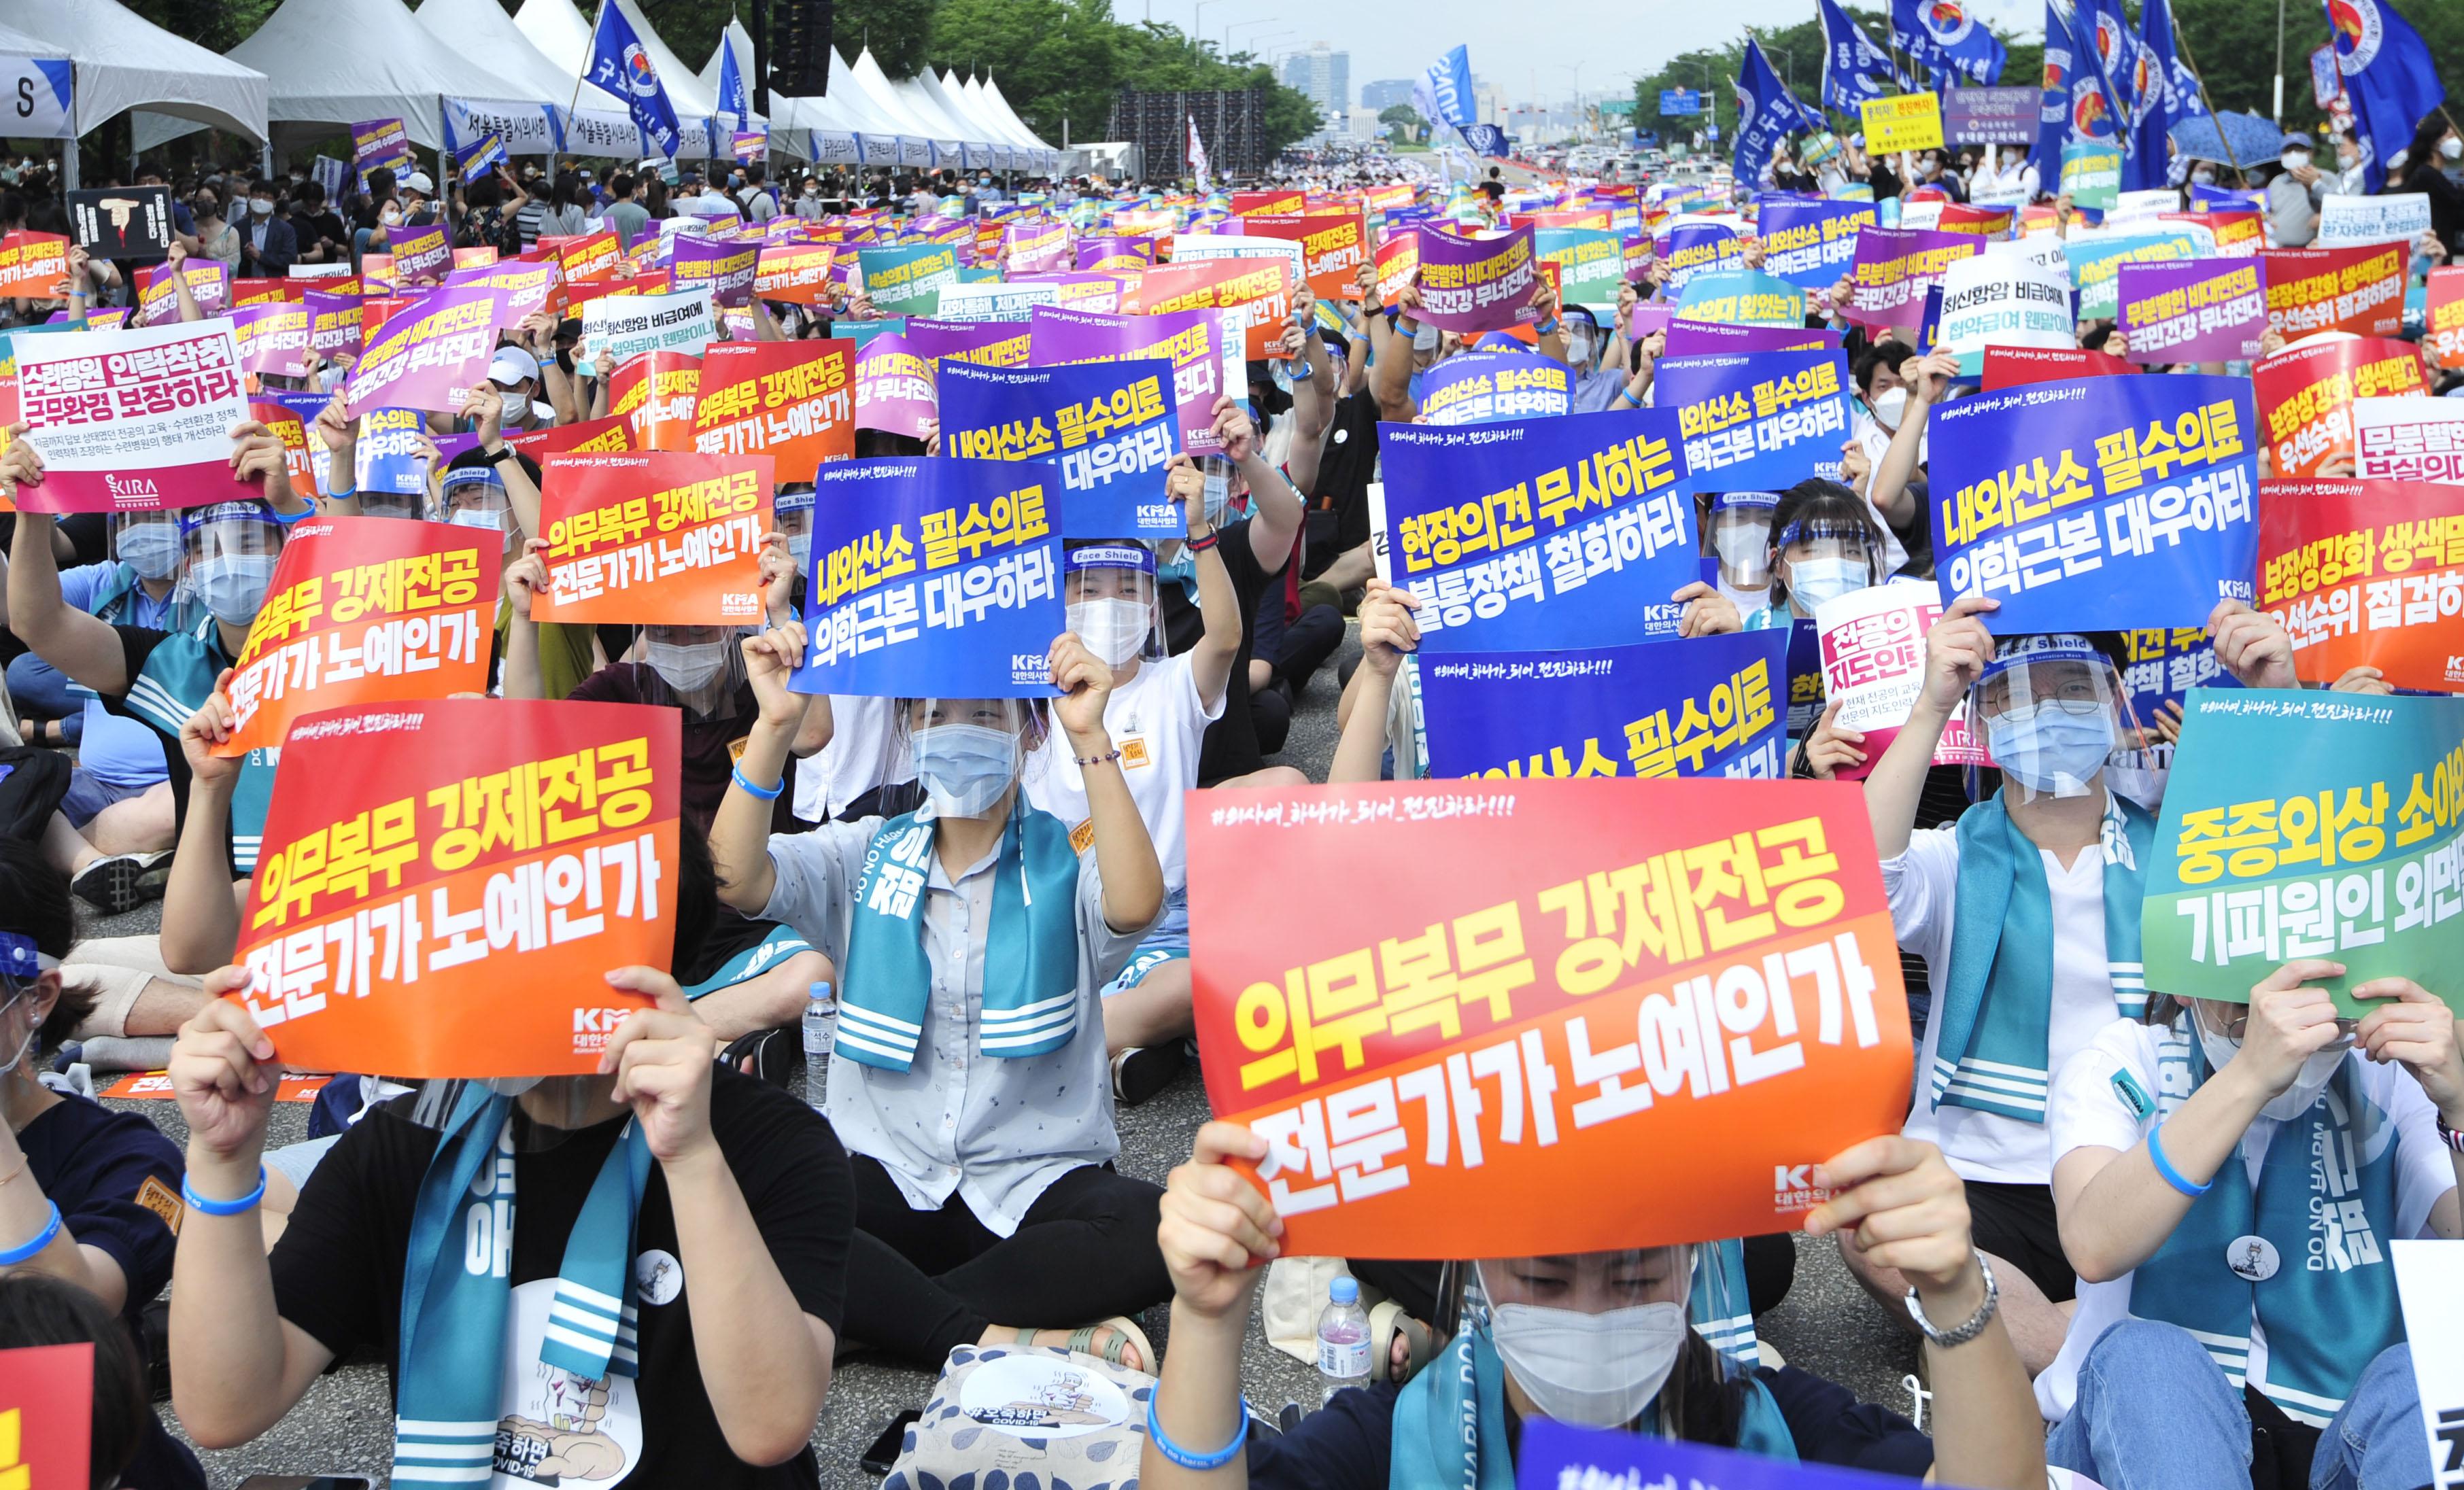 거리로 나선 의사들…'문 정권 4대악 의료정책 저지하자'